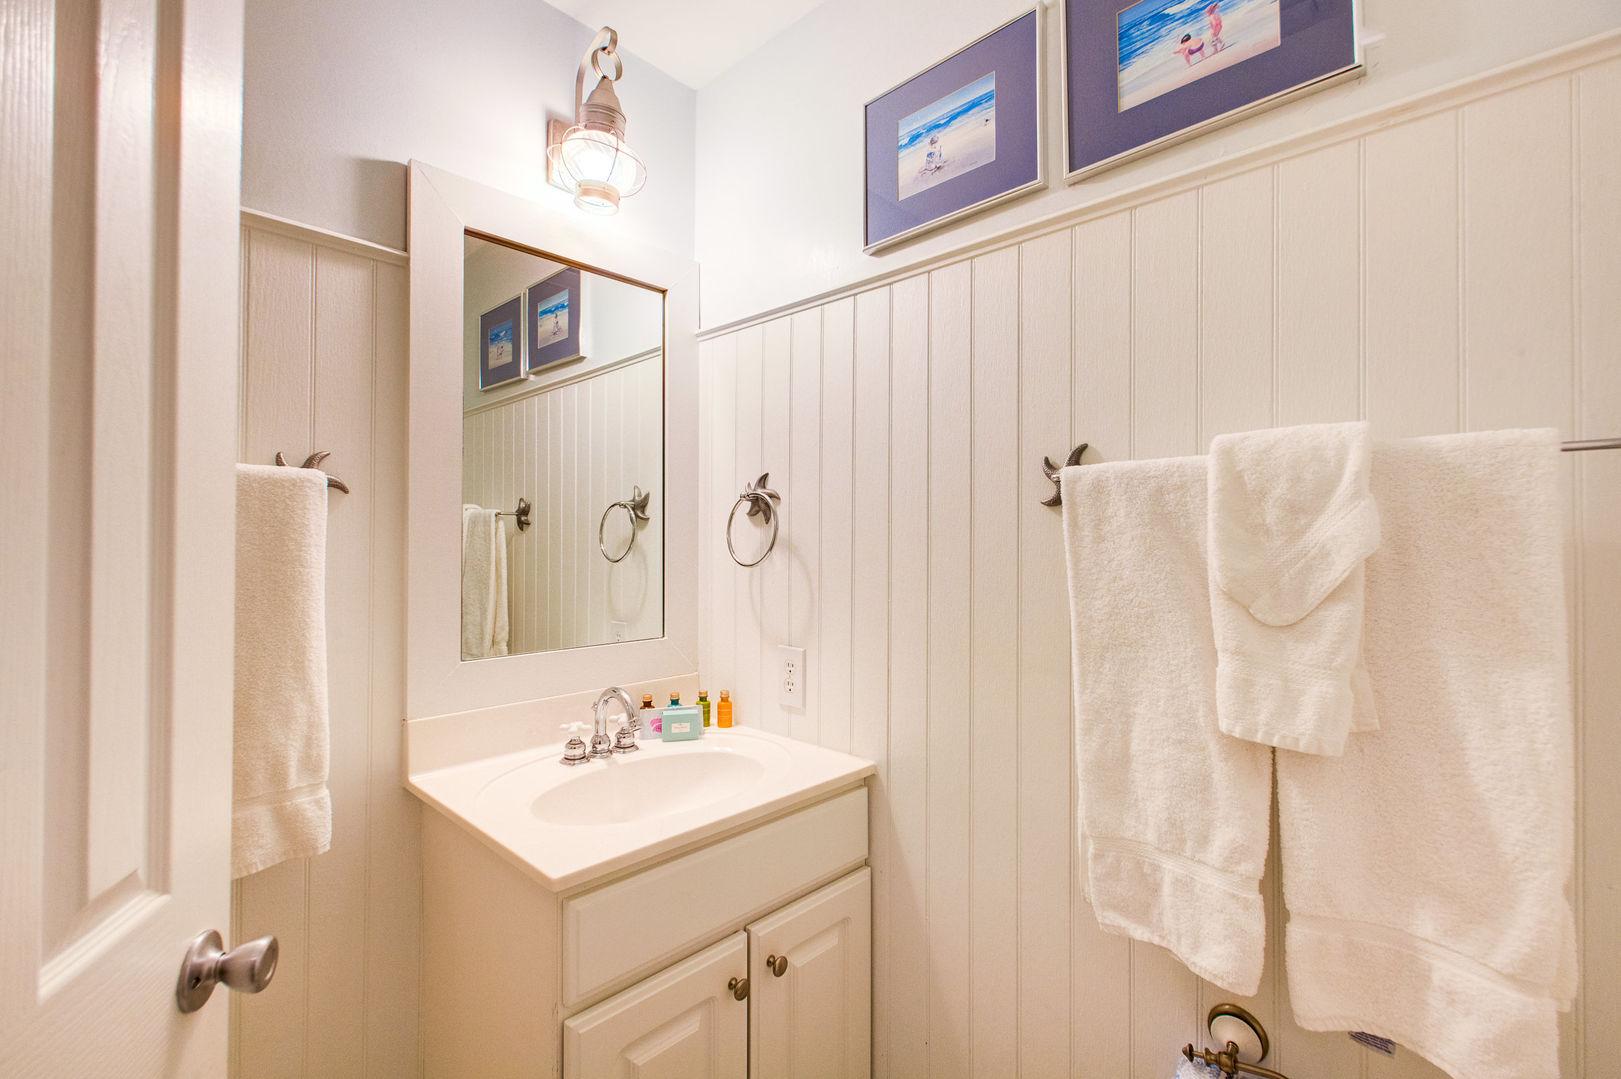 Single Vanity Sink, Mirror, and Towels.